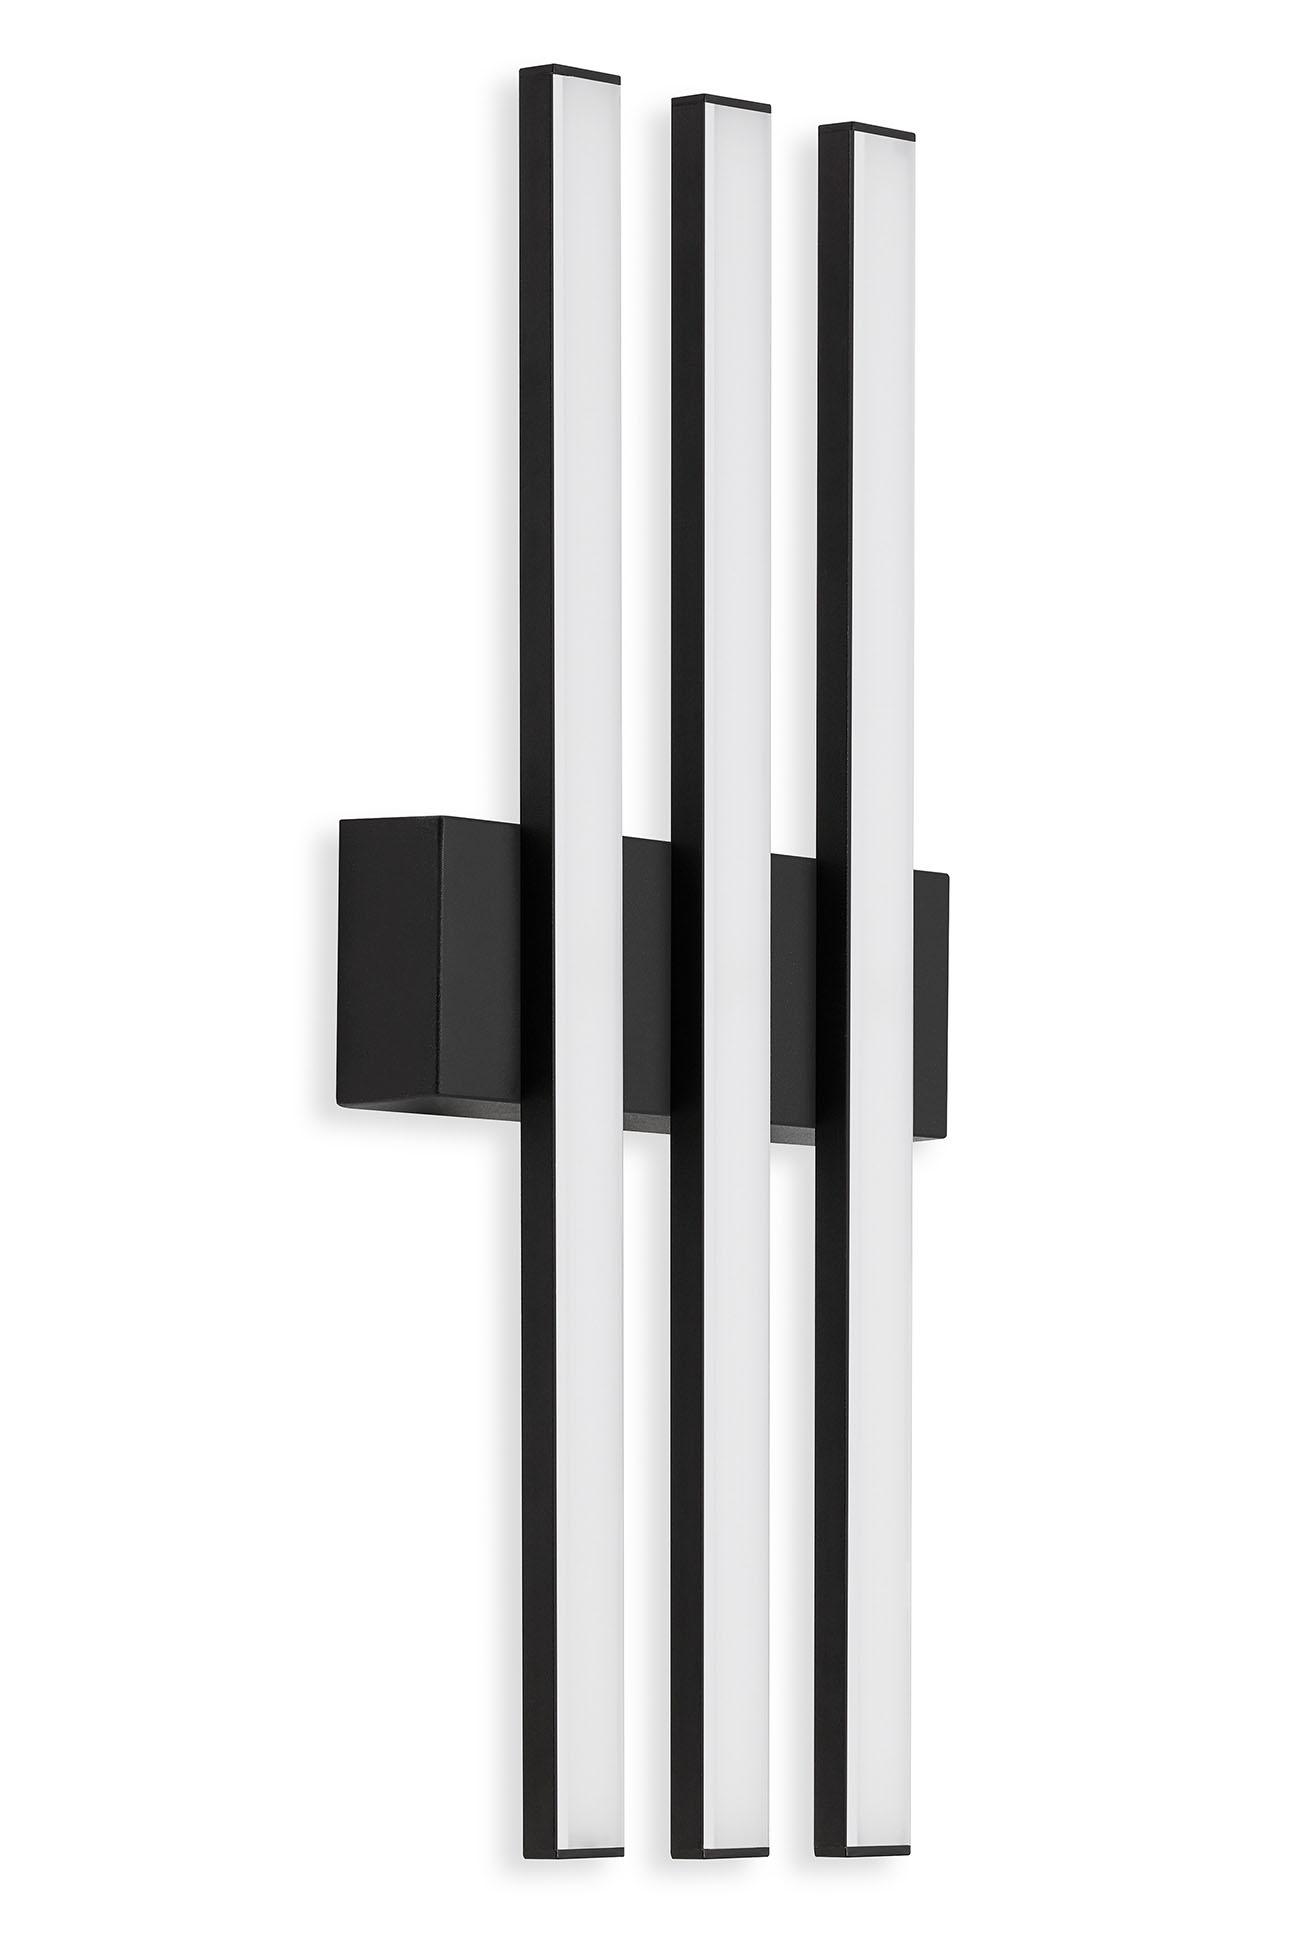 TELEFUNKEN LED Außenwandleuchte, 37 cm, 12 W, Schwarz